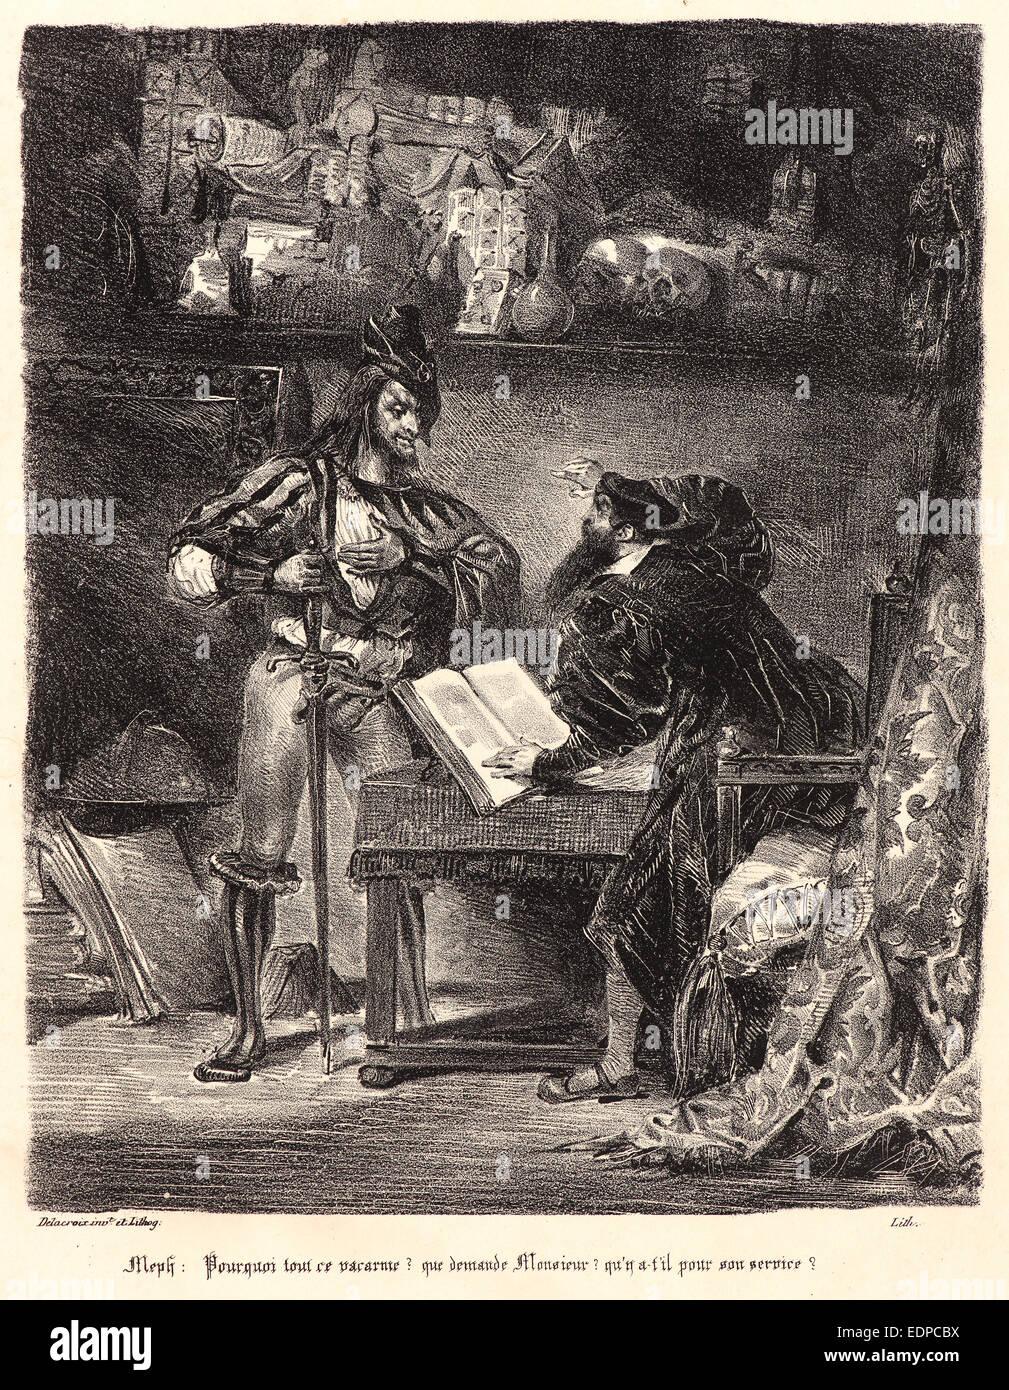 Eugène Delacroix (French, 1798 - 1863). Mephistopheles Appearing to Faust (Méphistophélès apparaissant - Stock Image